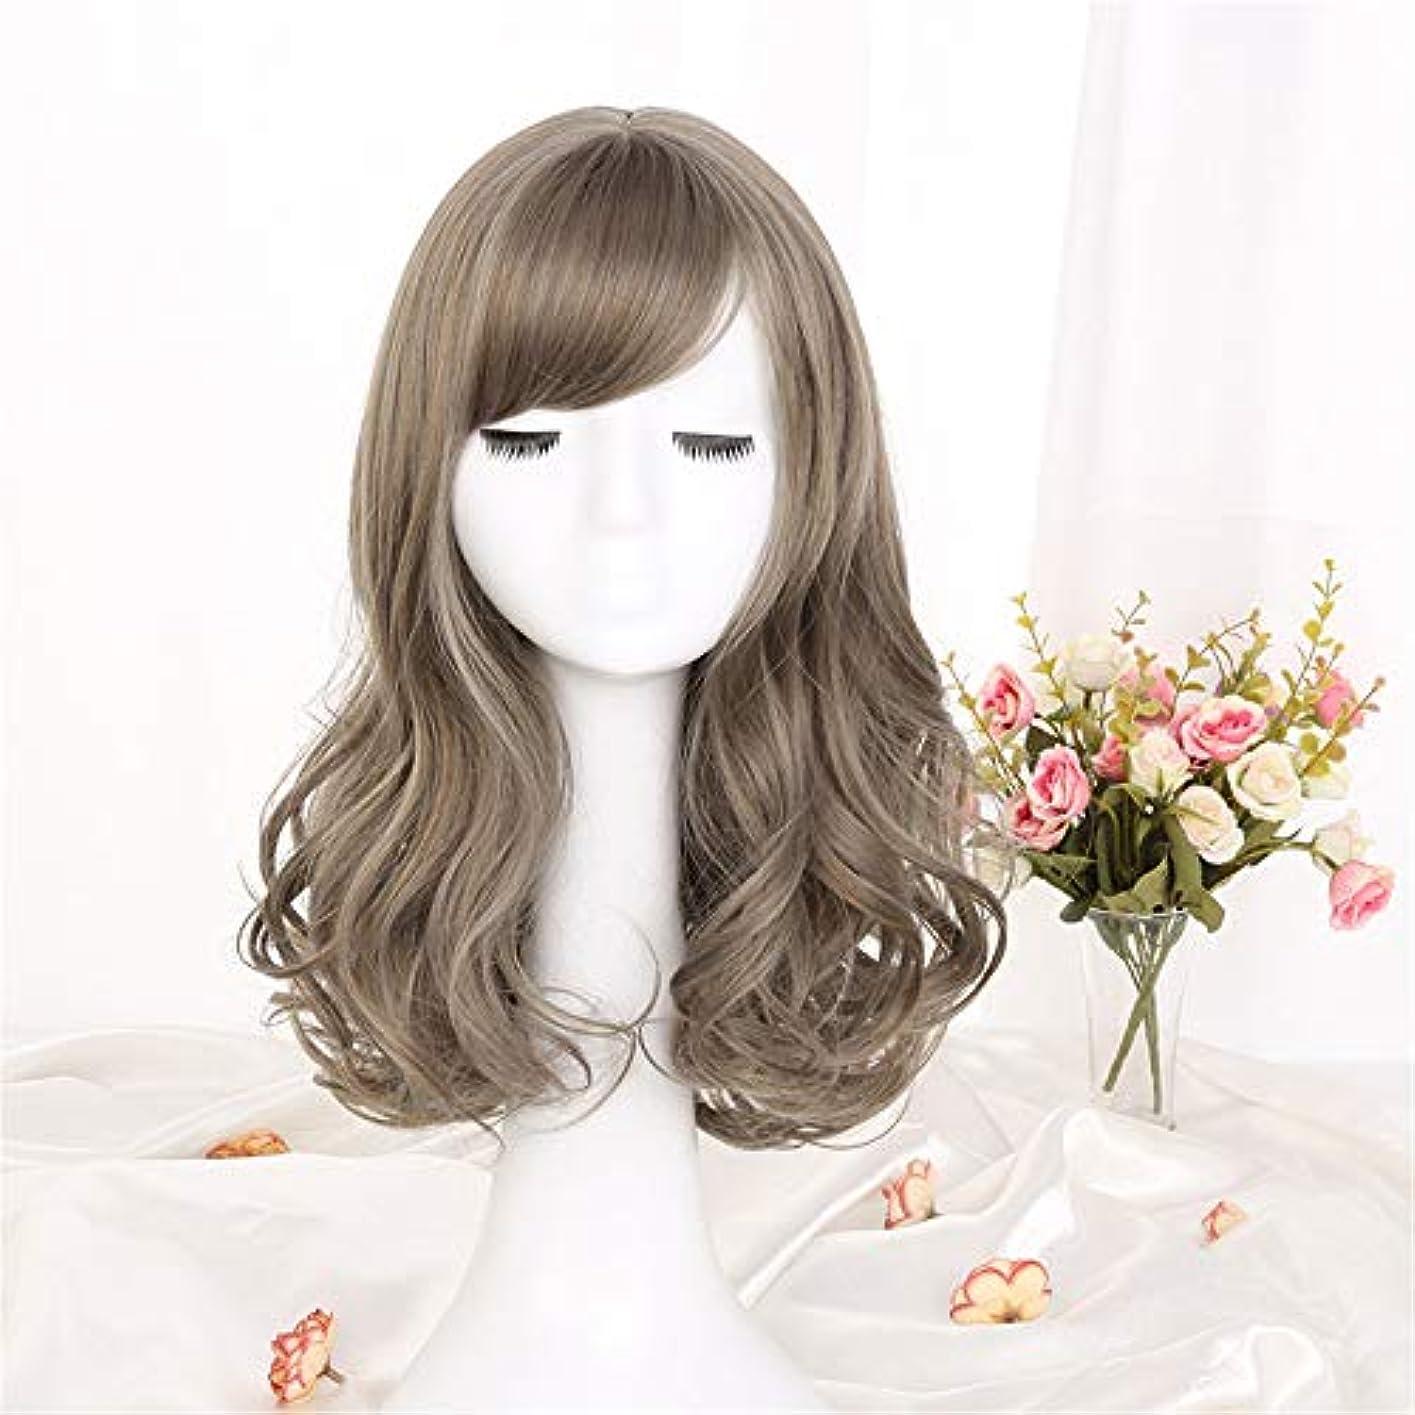 霧欠乏地雷原ウィッグ髪化学繊維フードミディアム長波高温合成繊維ウィッグ女性用ウィッググリーンウッドリネンアッシュ42cm